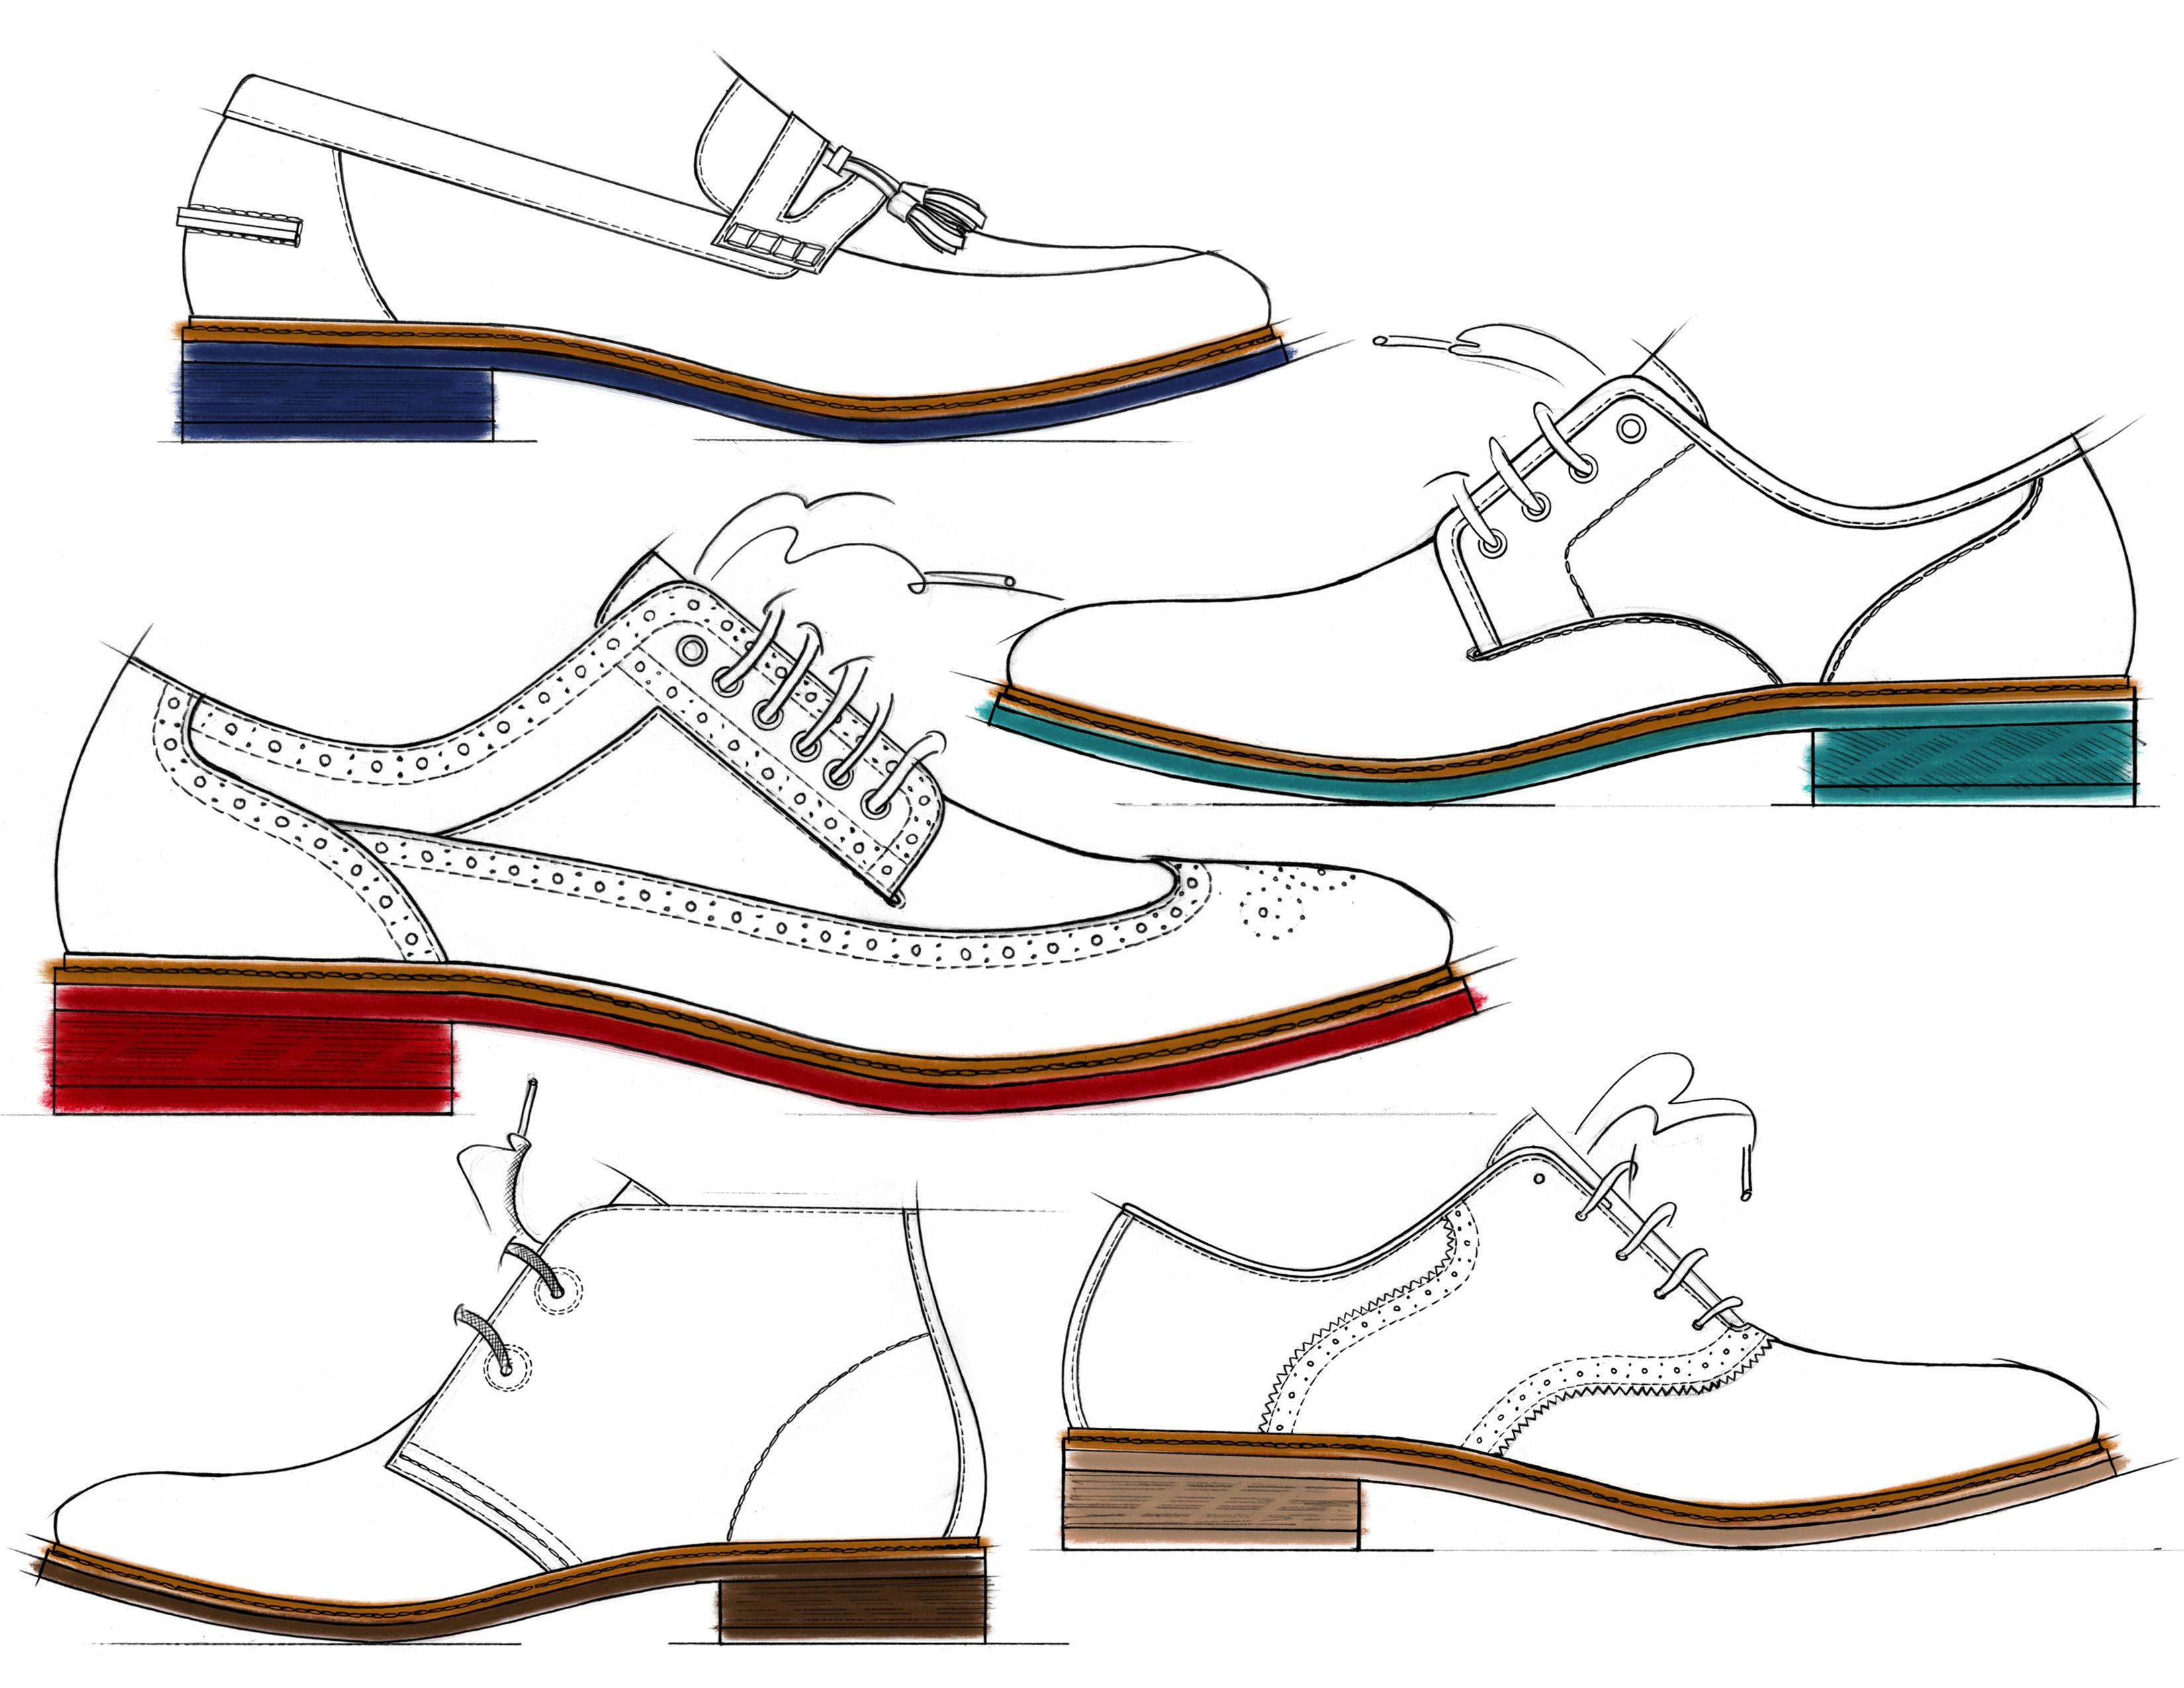 Drawn shoe oxford shoe #5